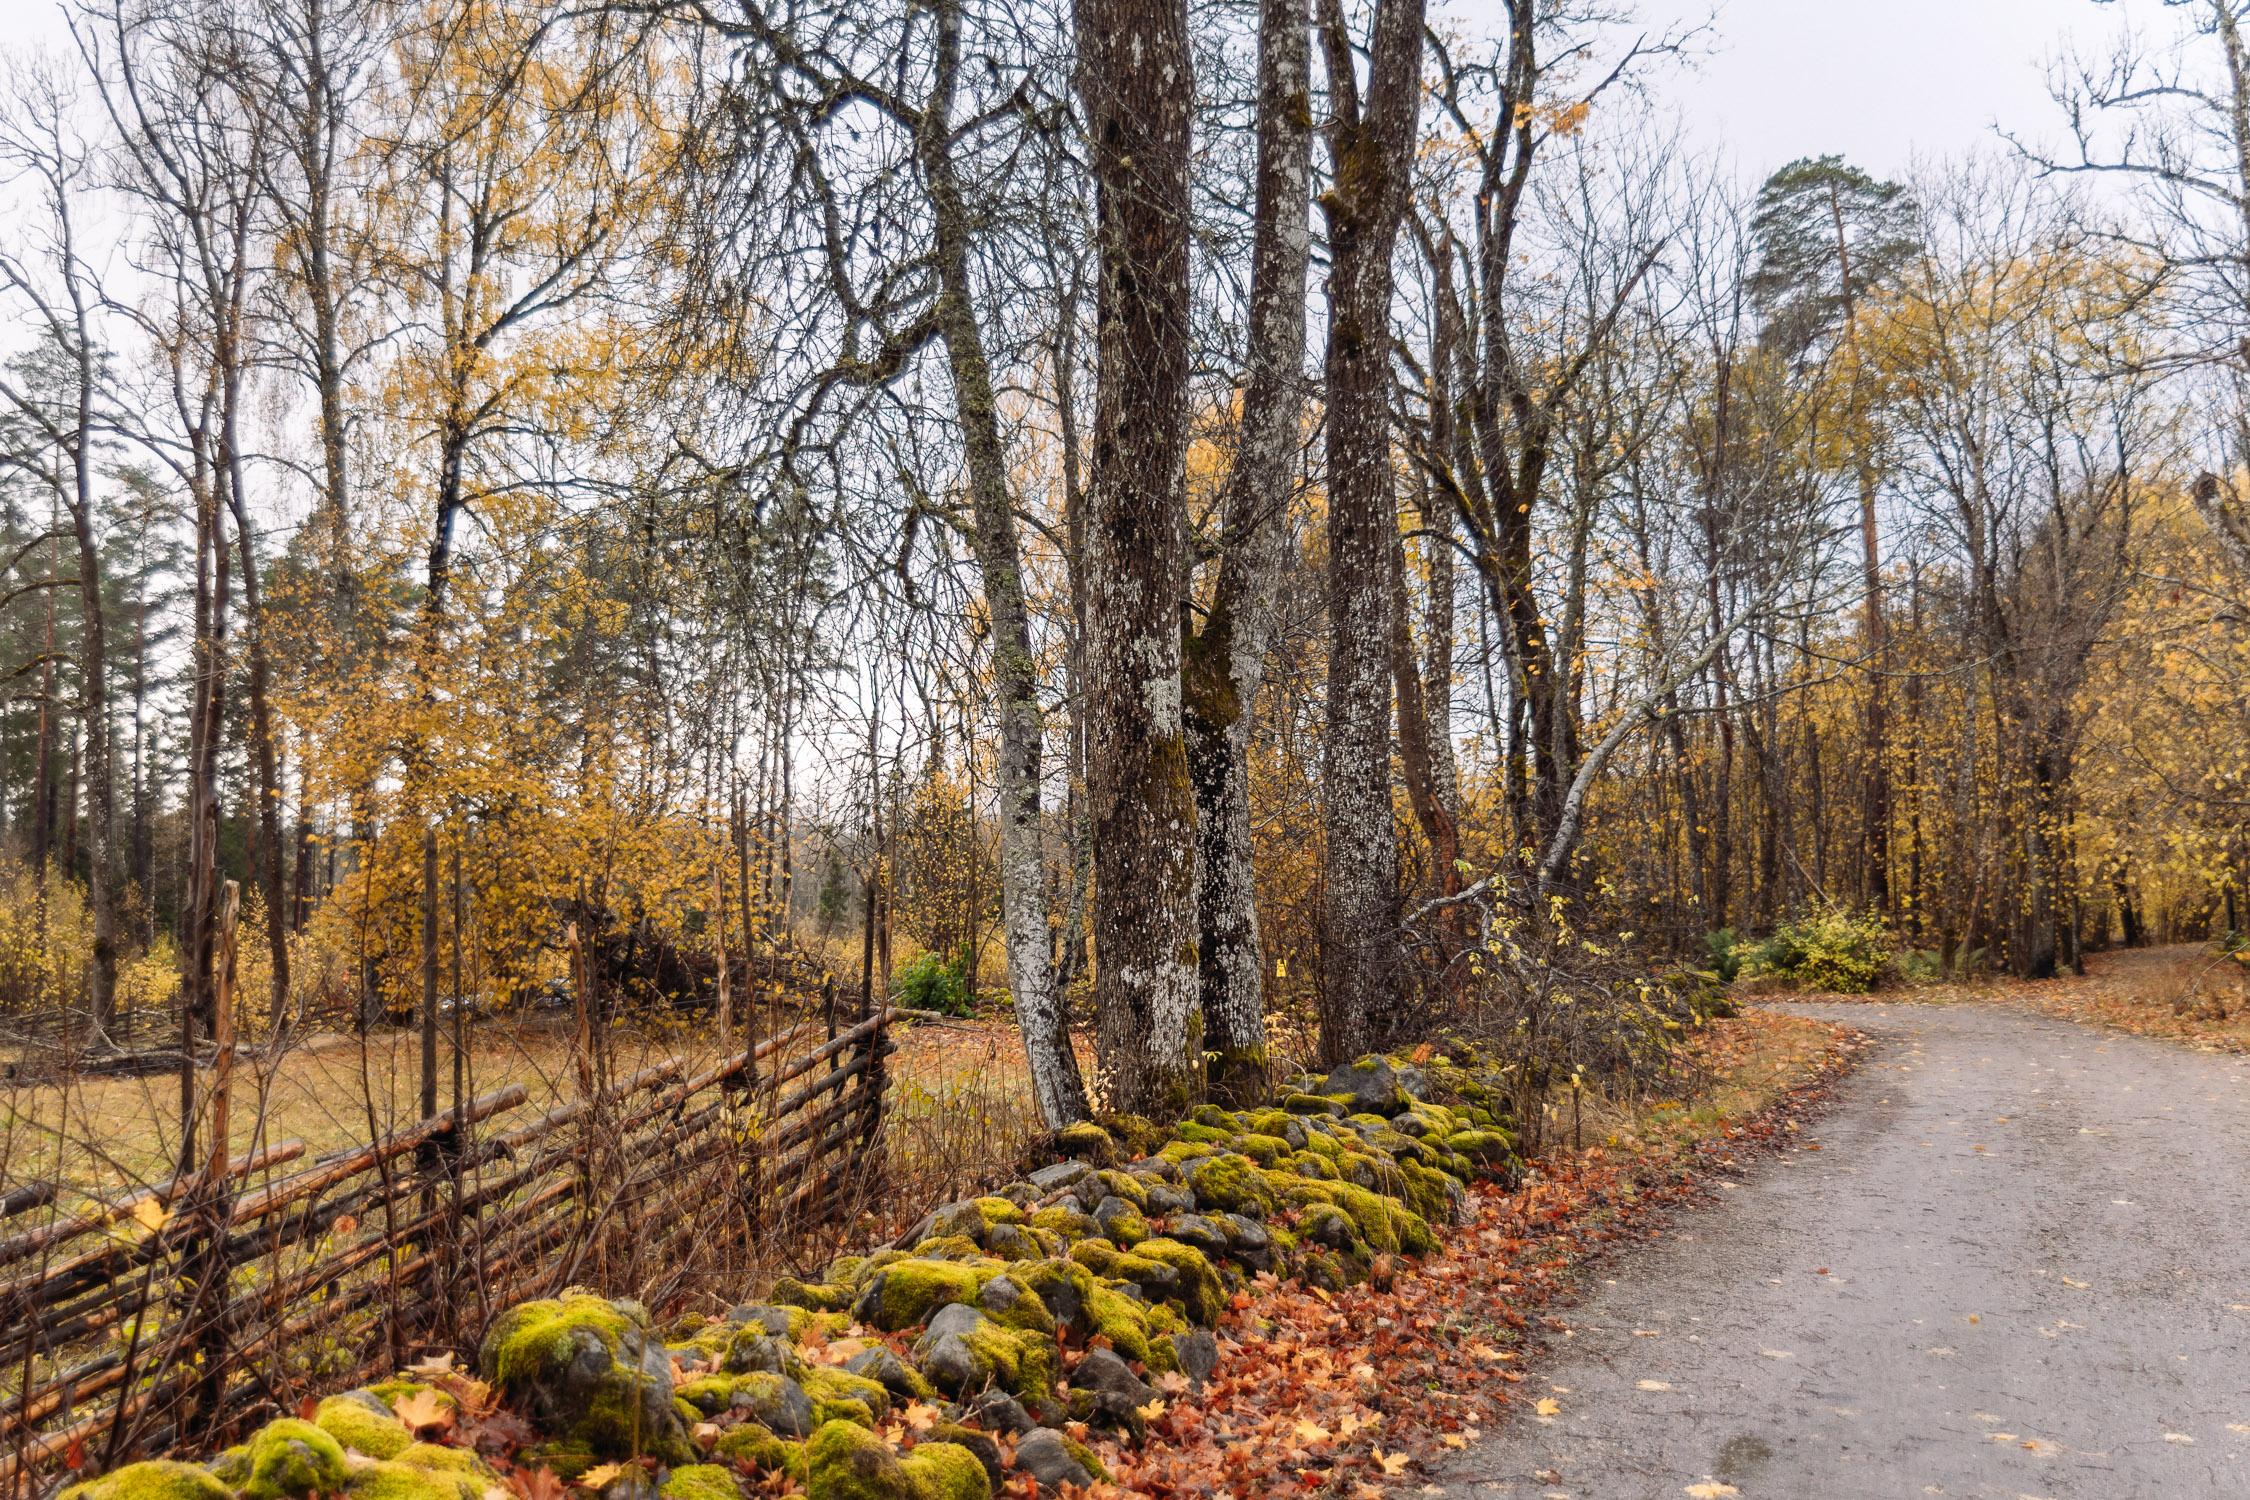 Höstig vy med grön mossa och gula höstträd i Garphyttans nationalpark, Örebro kommun